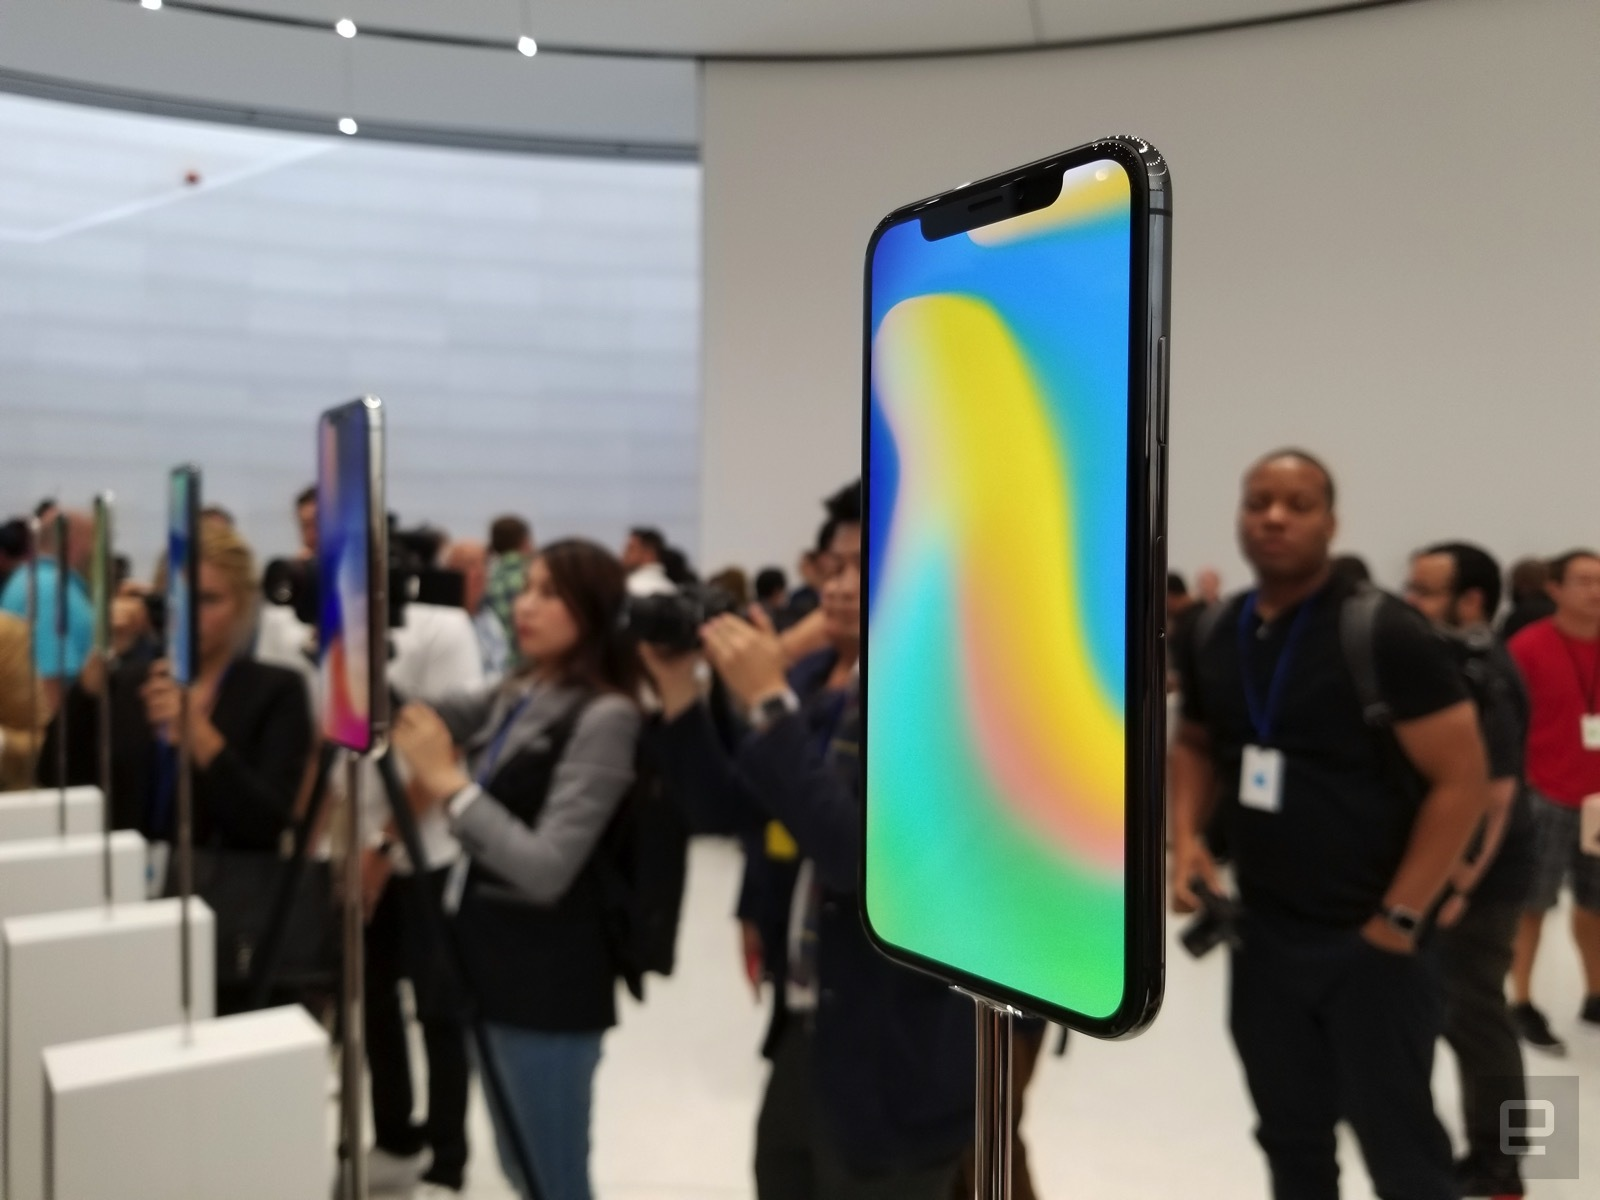 Ảnh thực tế iPhone X: Tưởng không đẹp, nhưng ai ngờ đẹp không tưởng! - Ảnh 4.